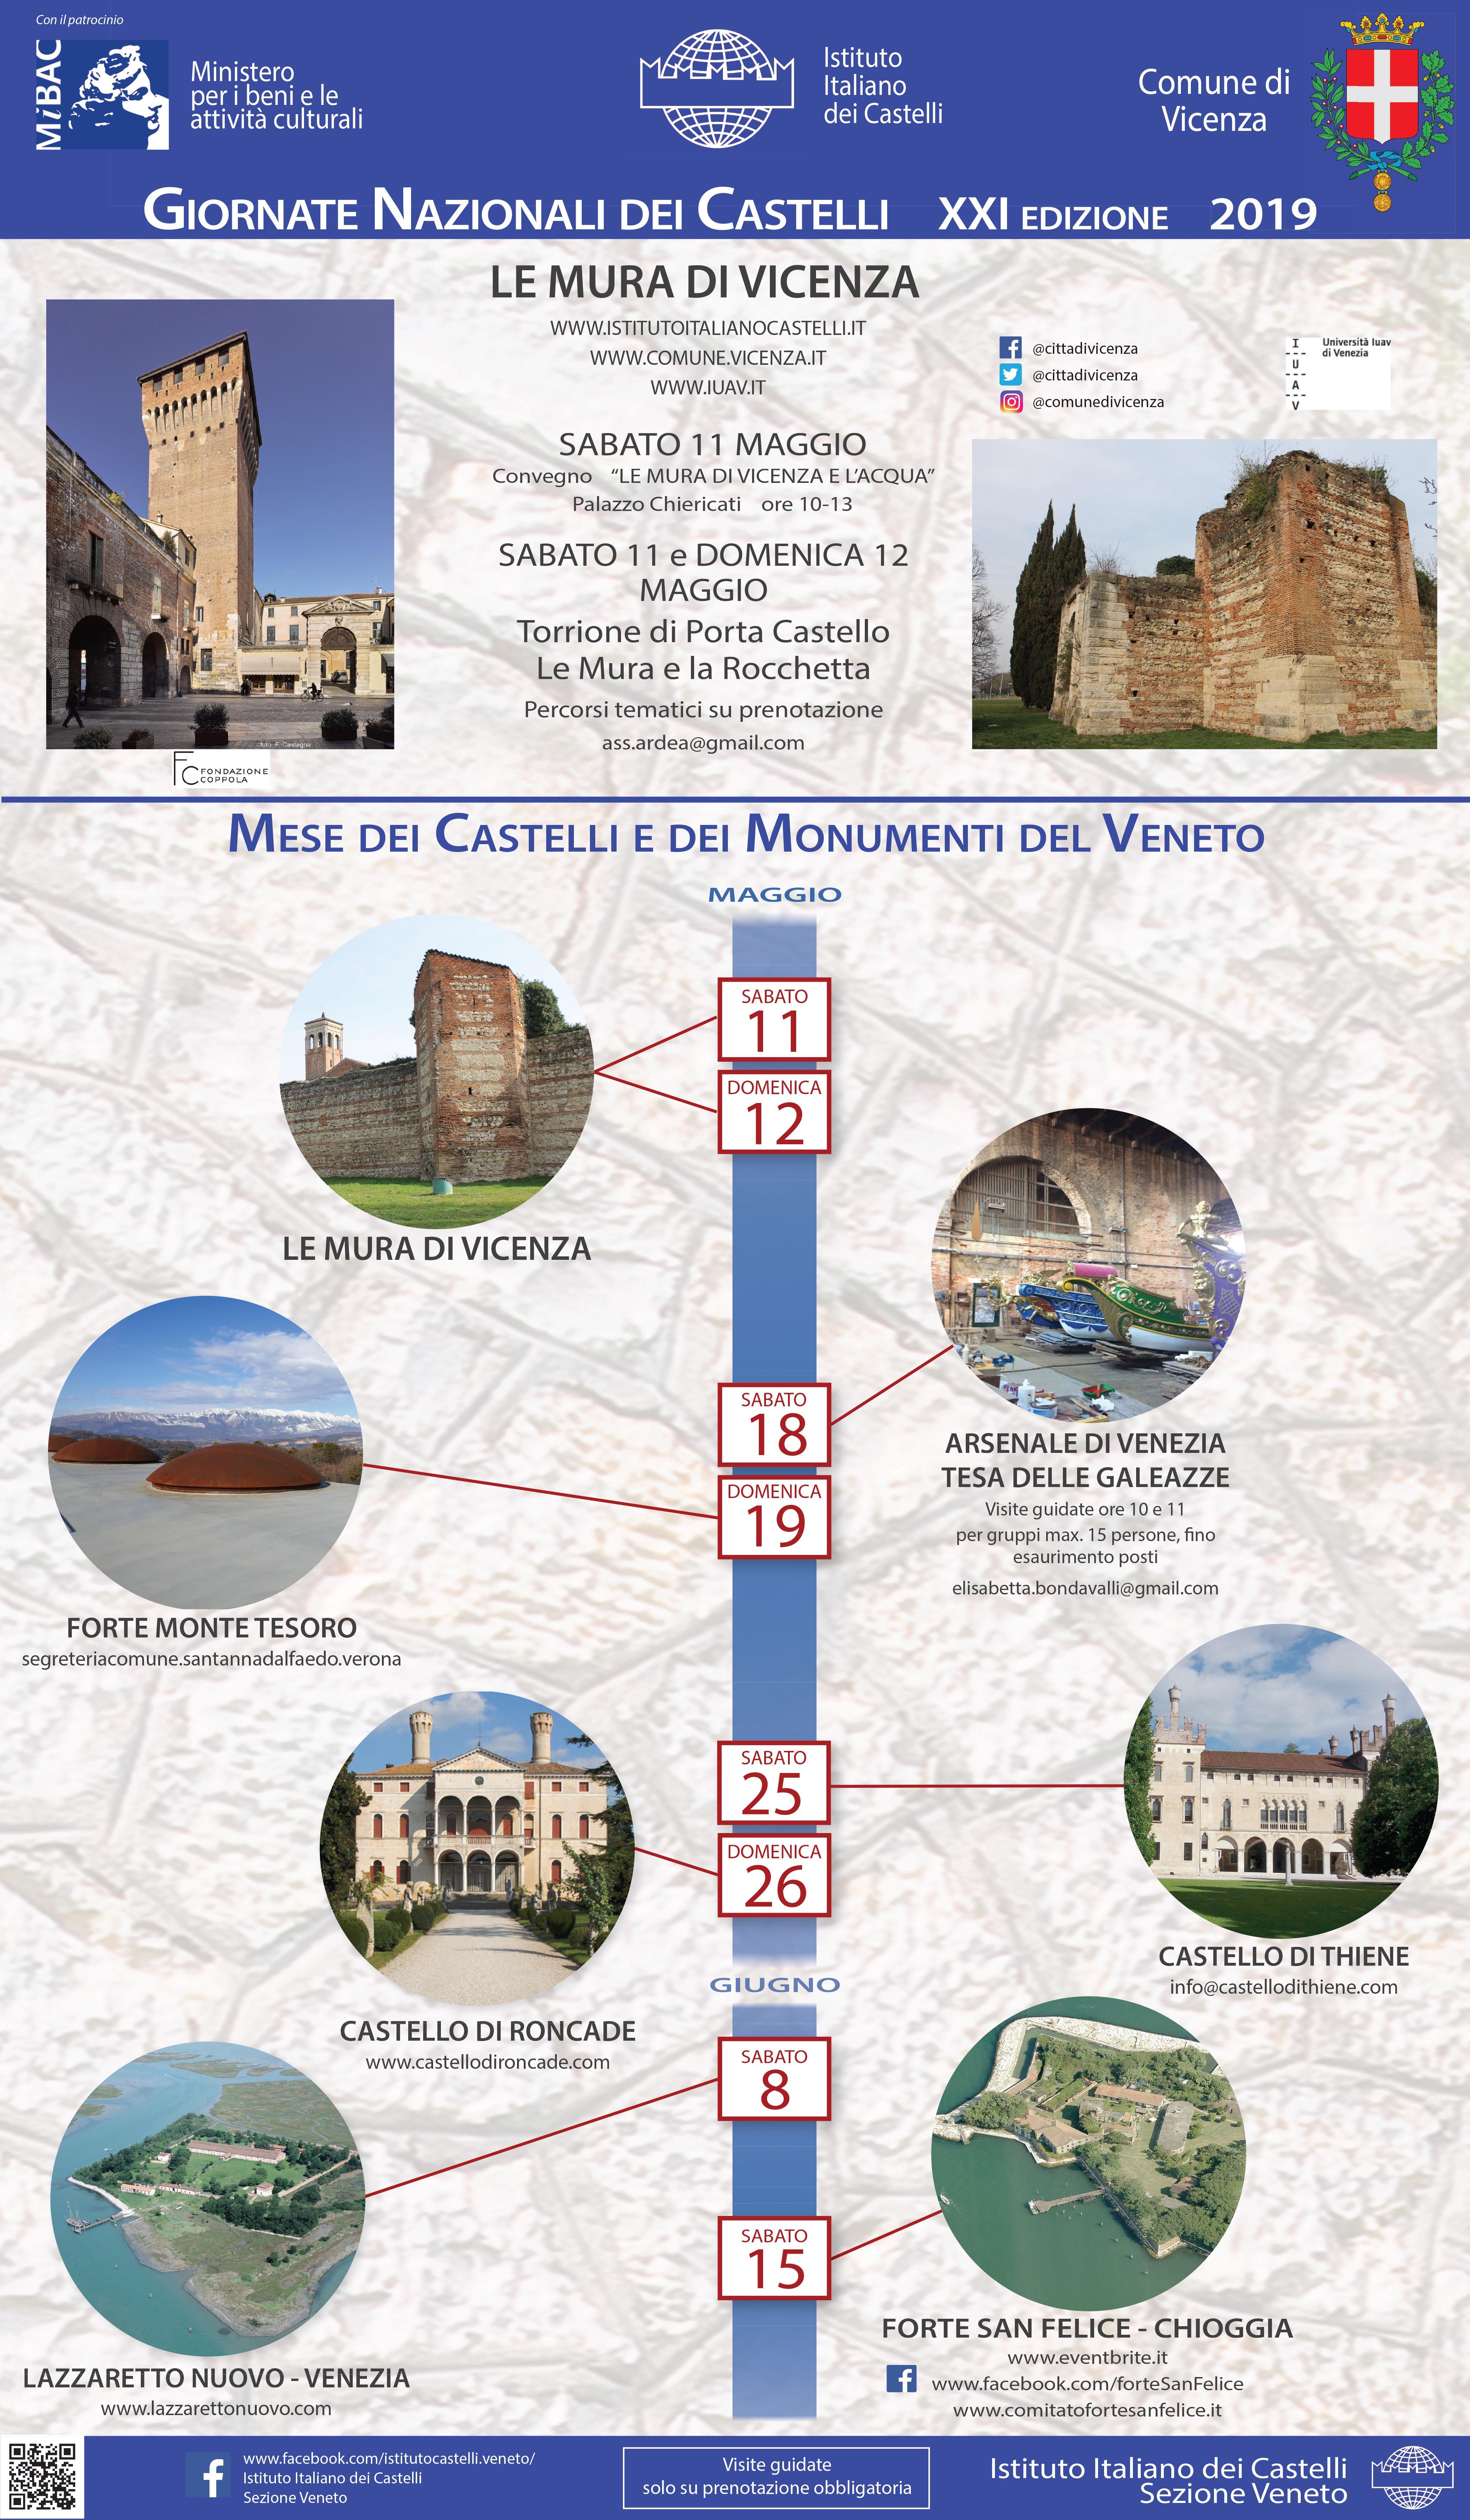 2019.04.26 Locandina 35x60 Giornata Castelli 2019.pdf